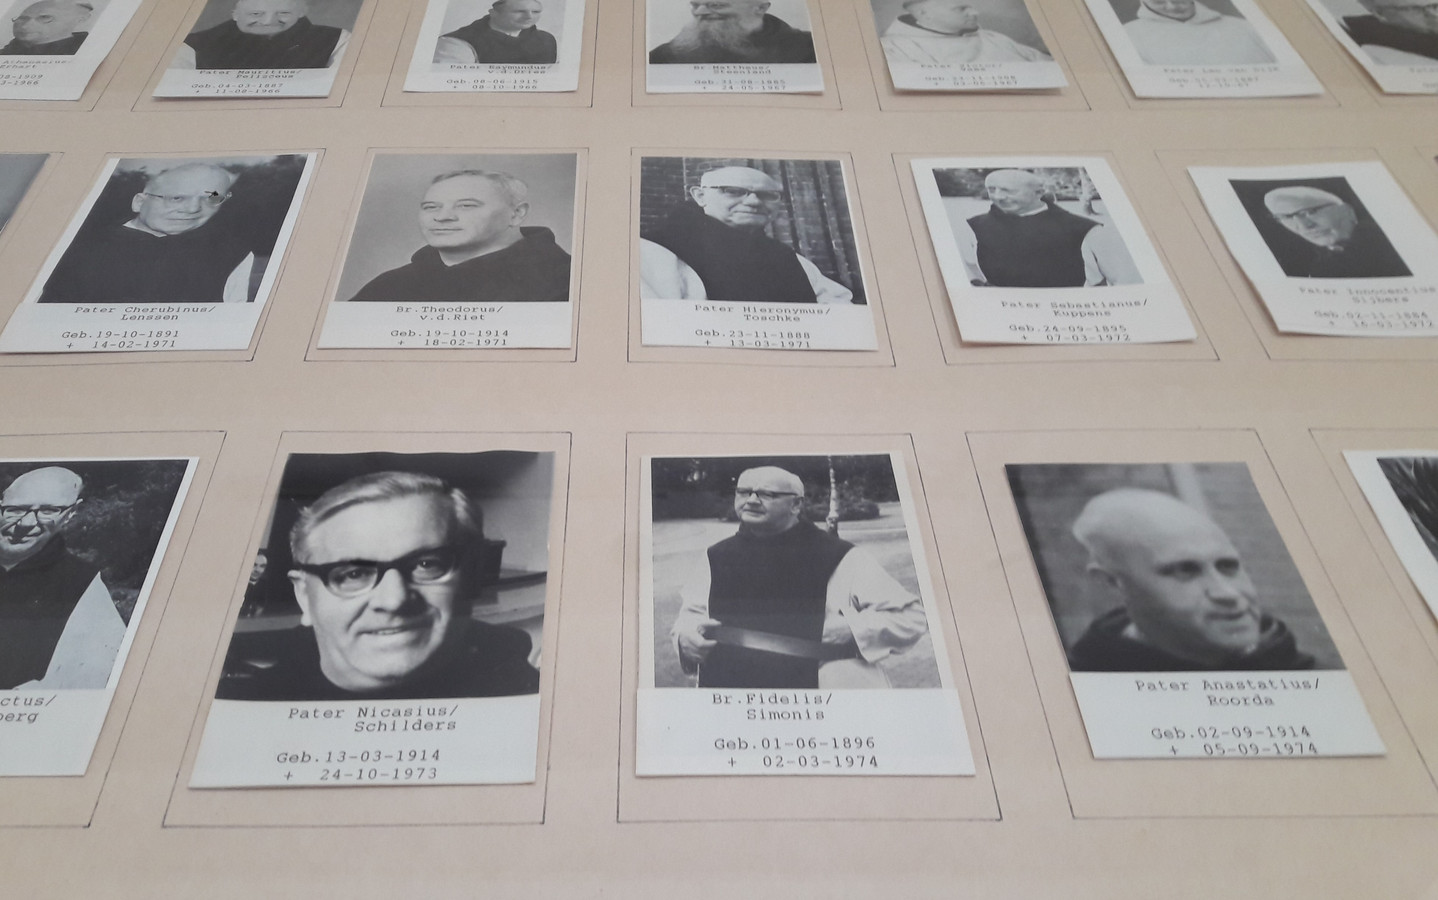 In het refectorium van de paters trappisten hangen foto's van overleden medebroeders